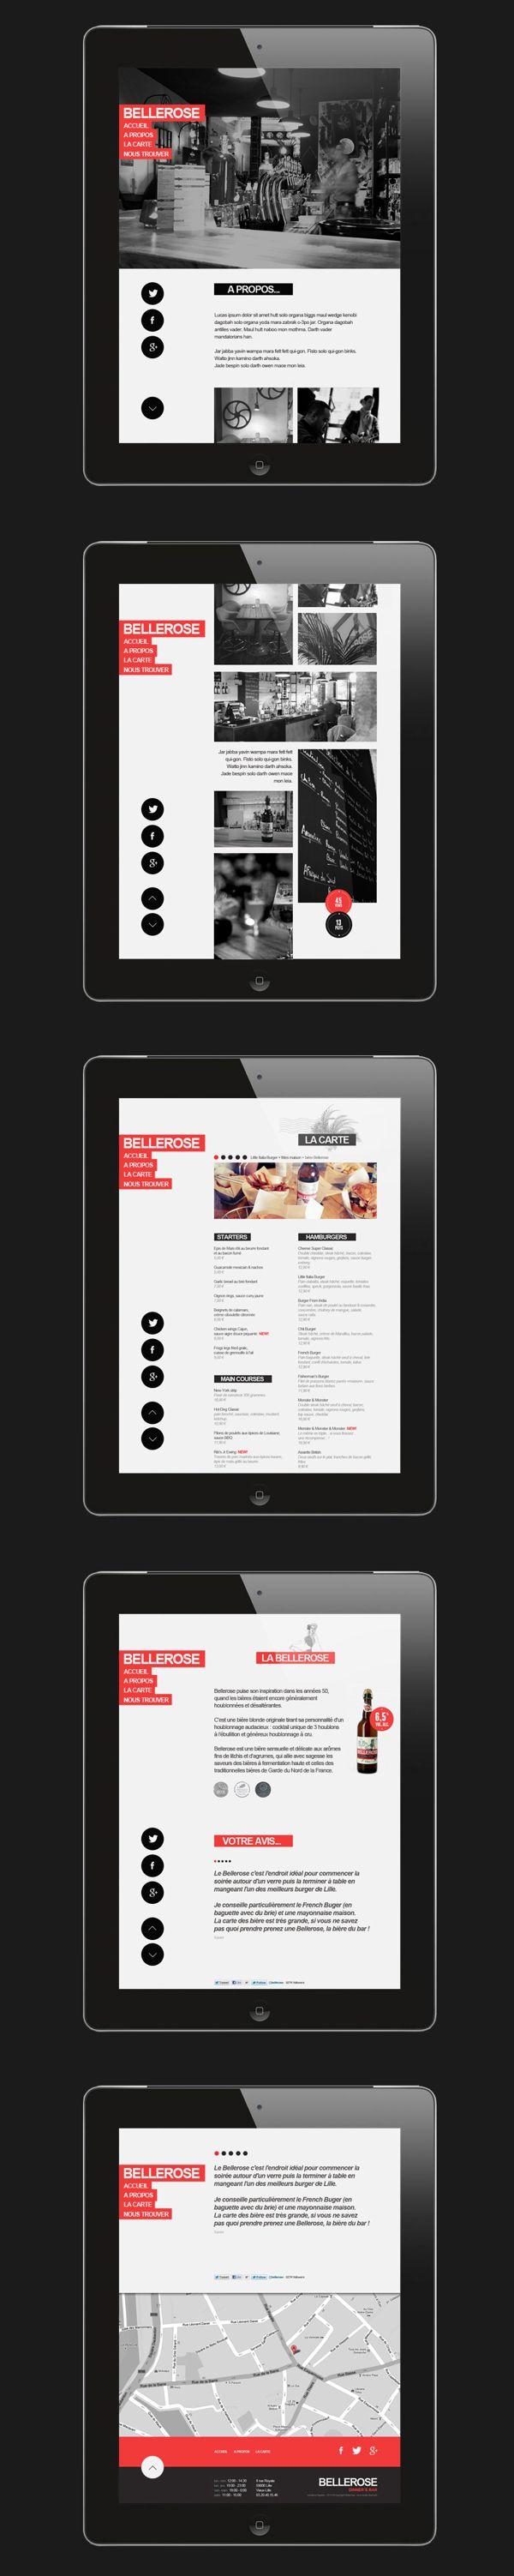 Web | Bellerose Concept on Web Design Served